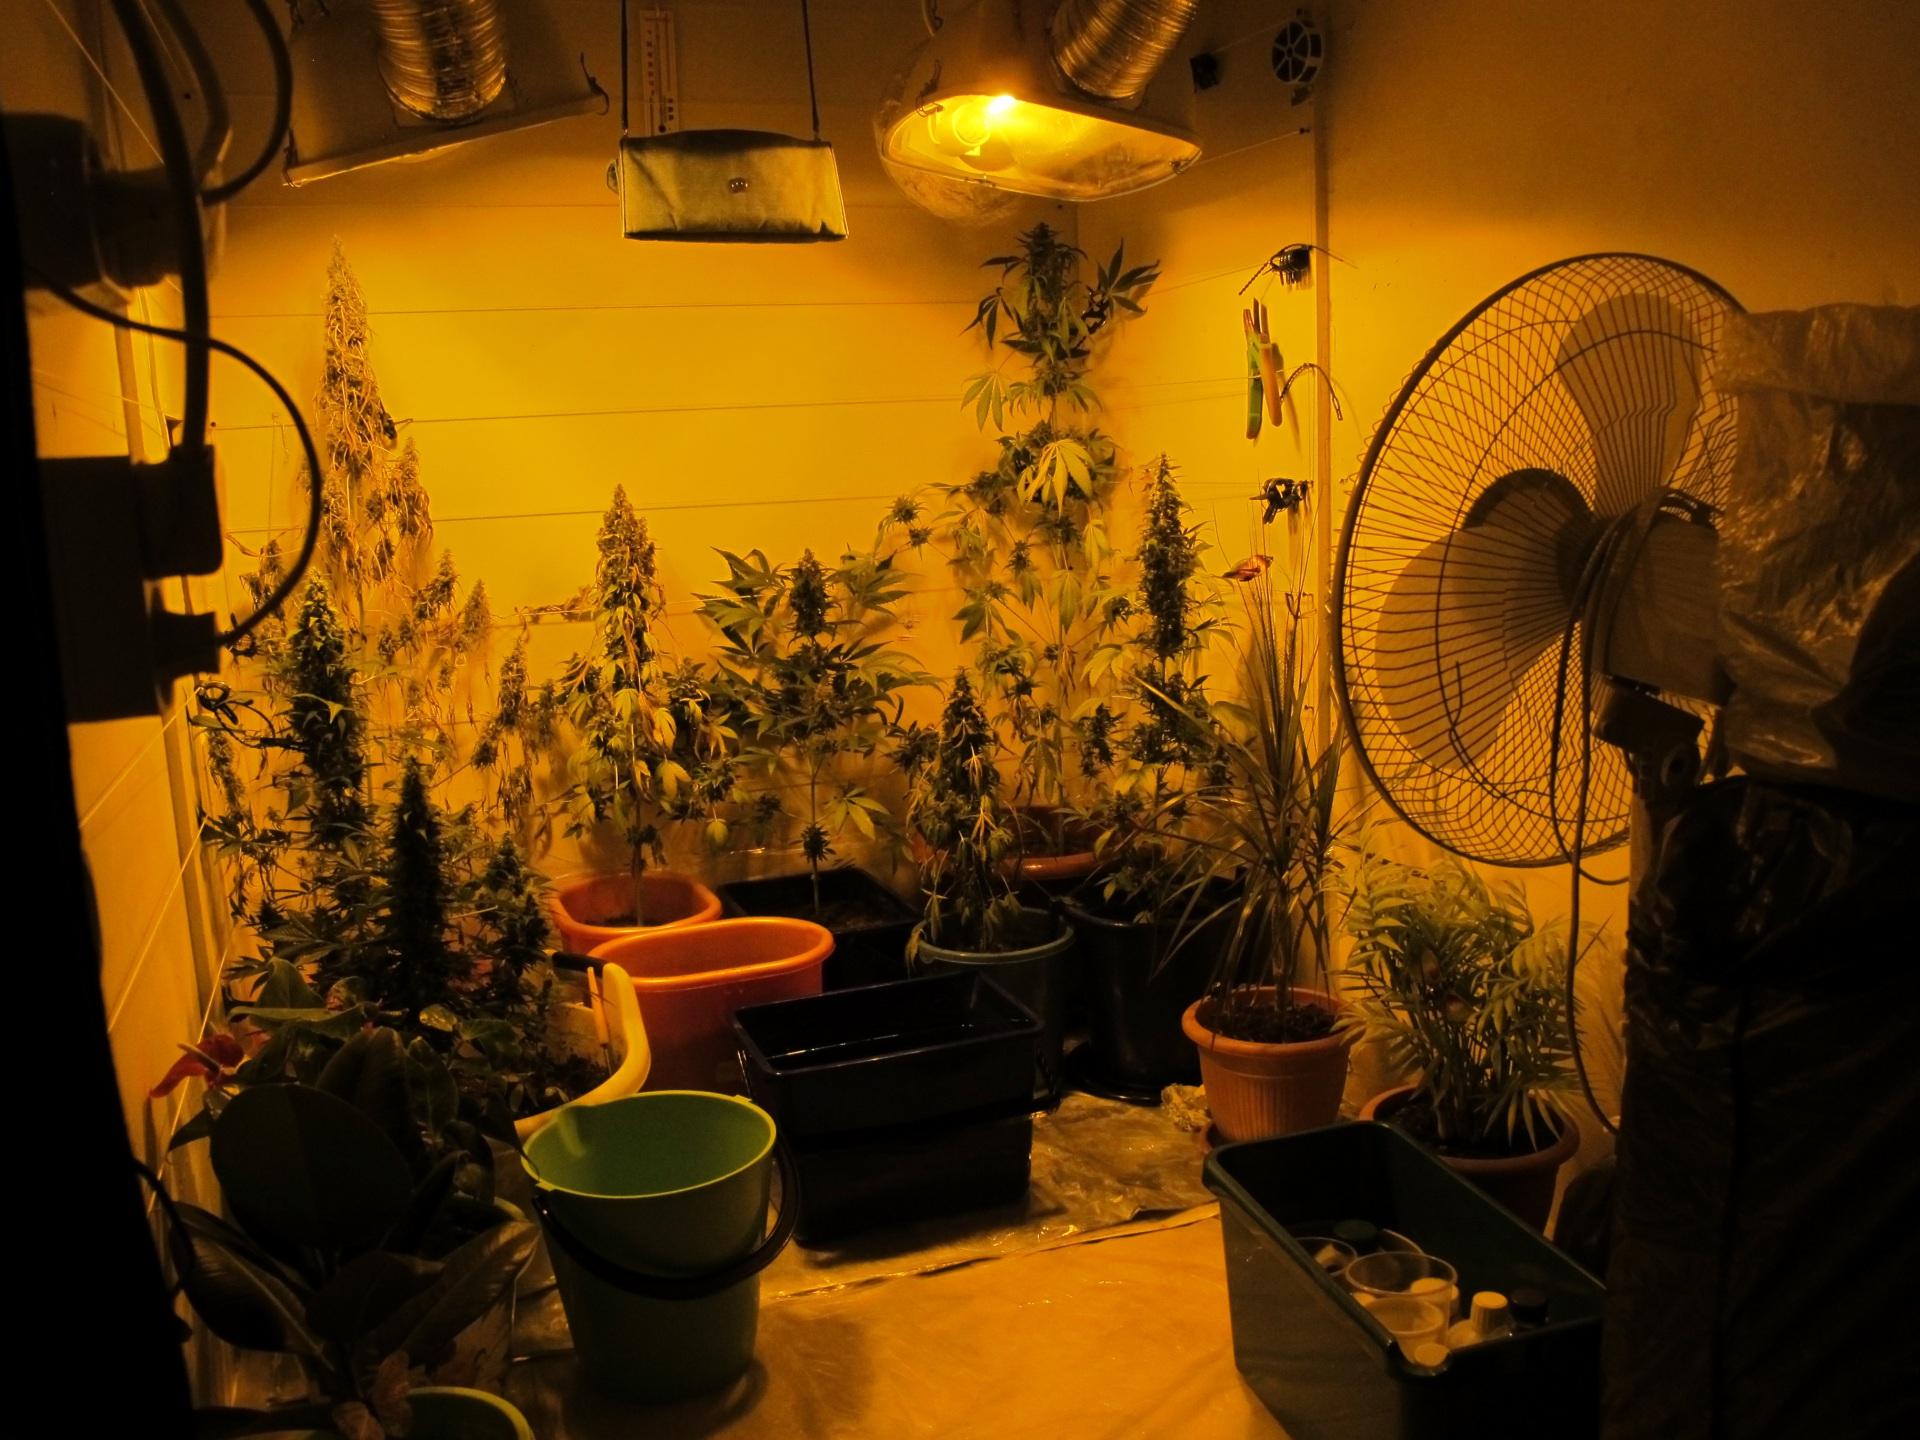 В Коми задержали семейную пару за выращивание марихуаны